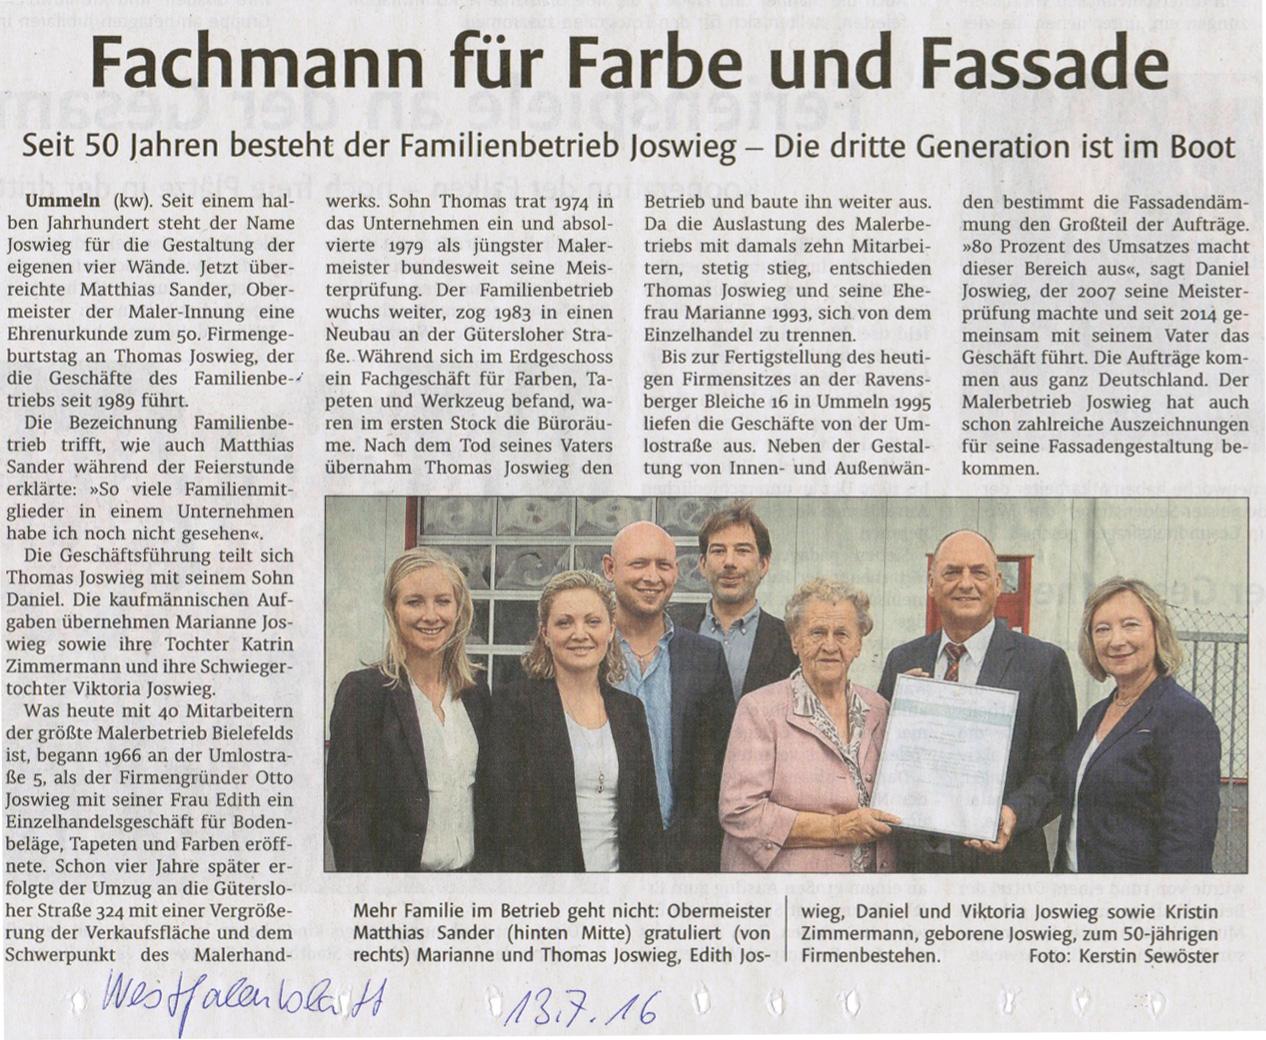 fachman-fu%cc%88r-farbe-und-fassage-2016